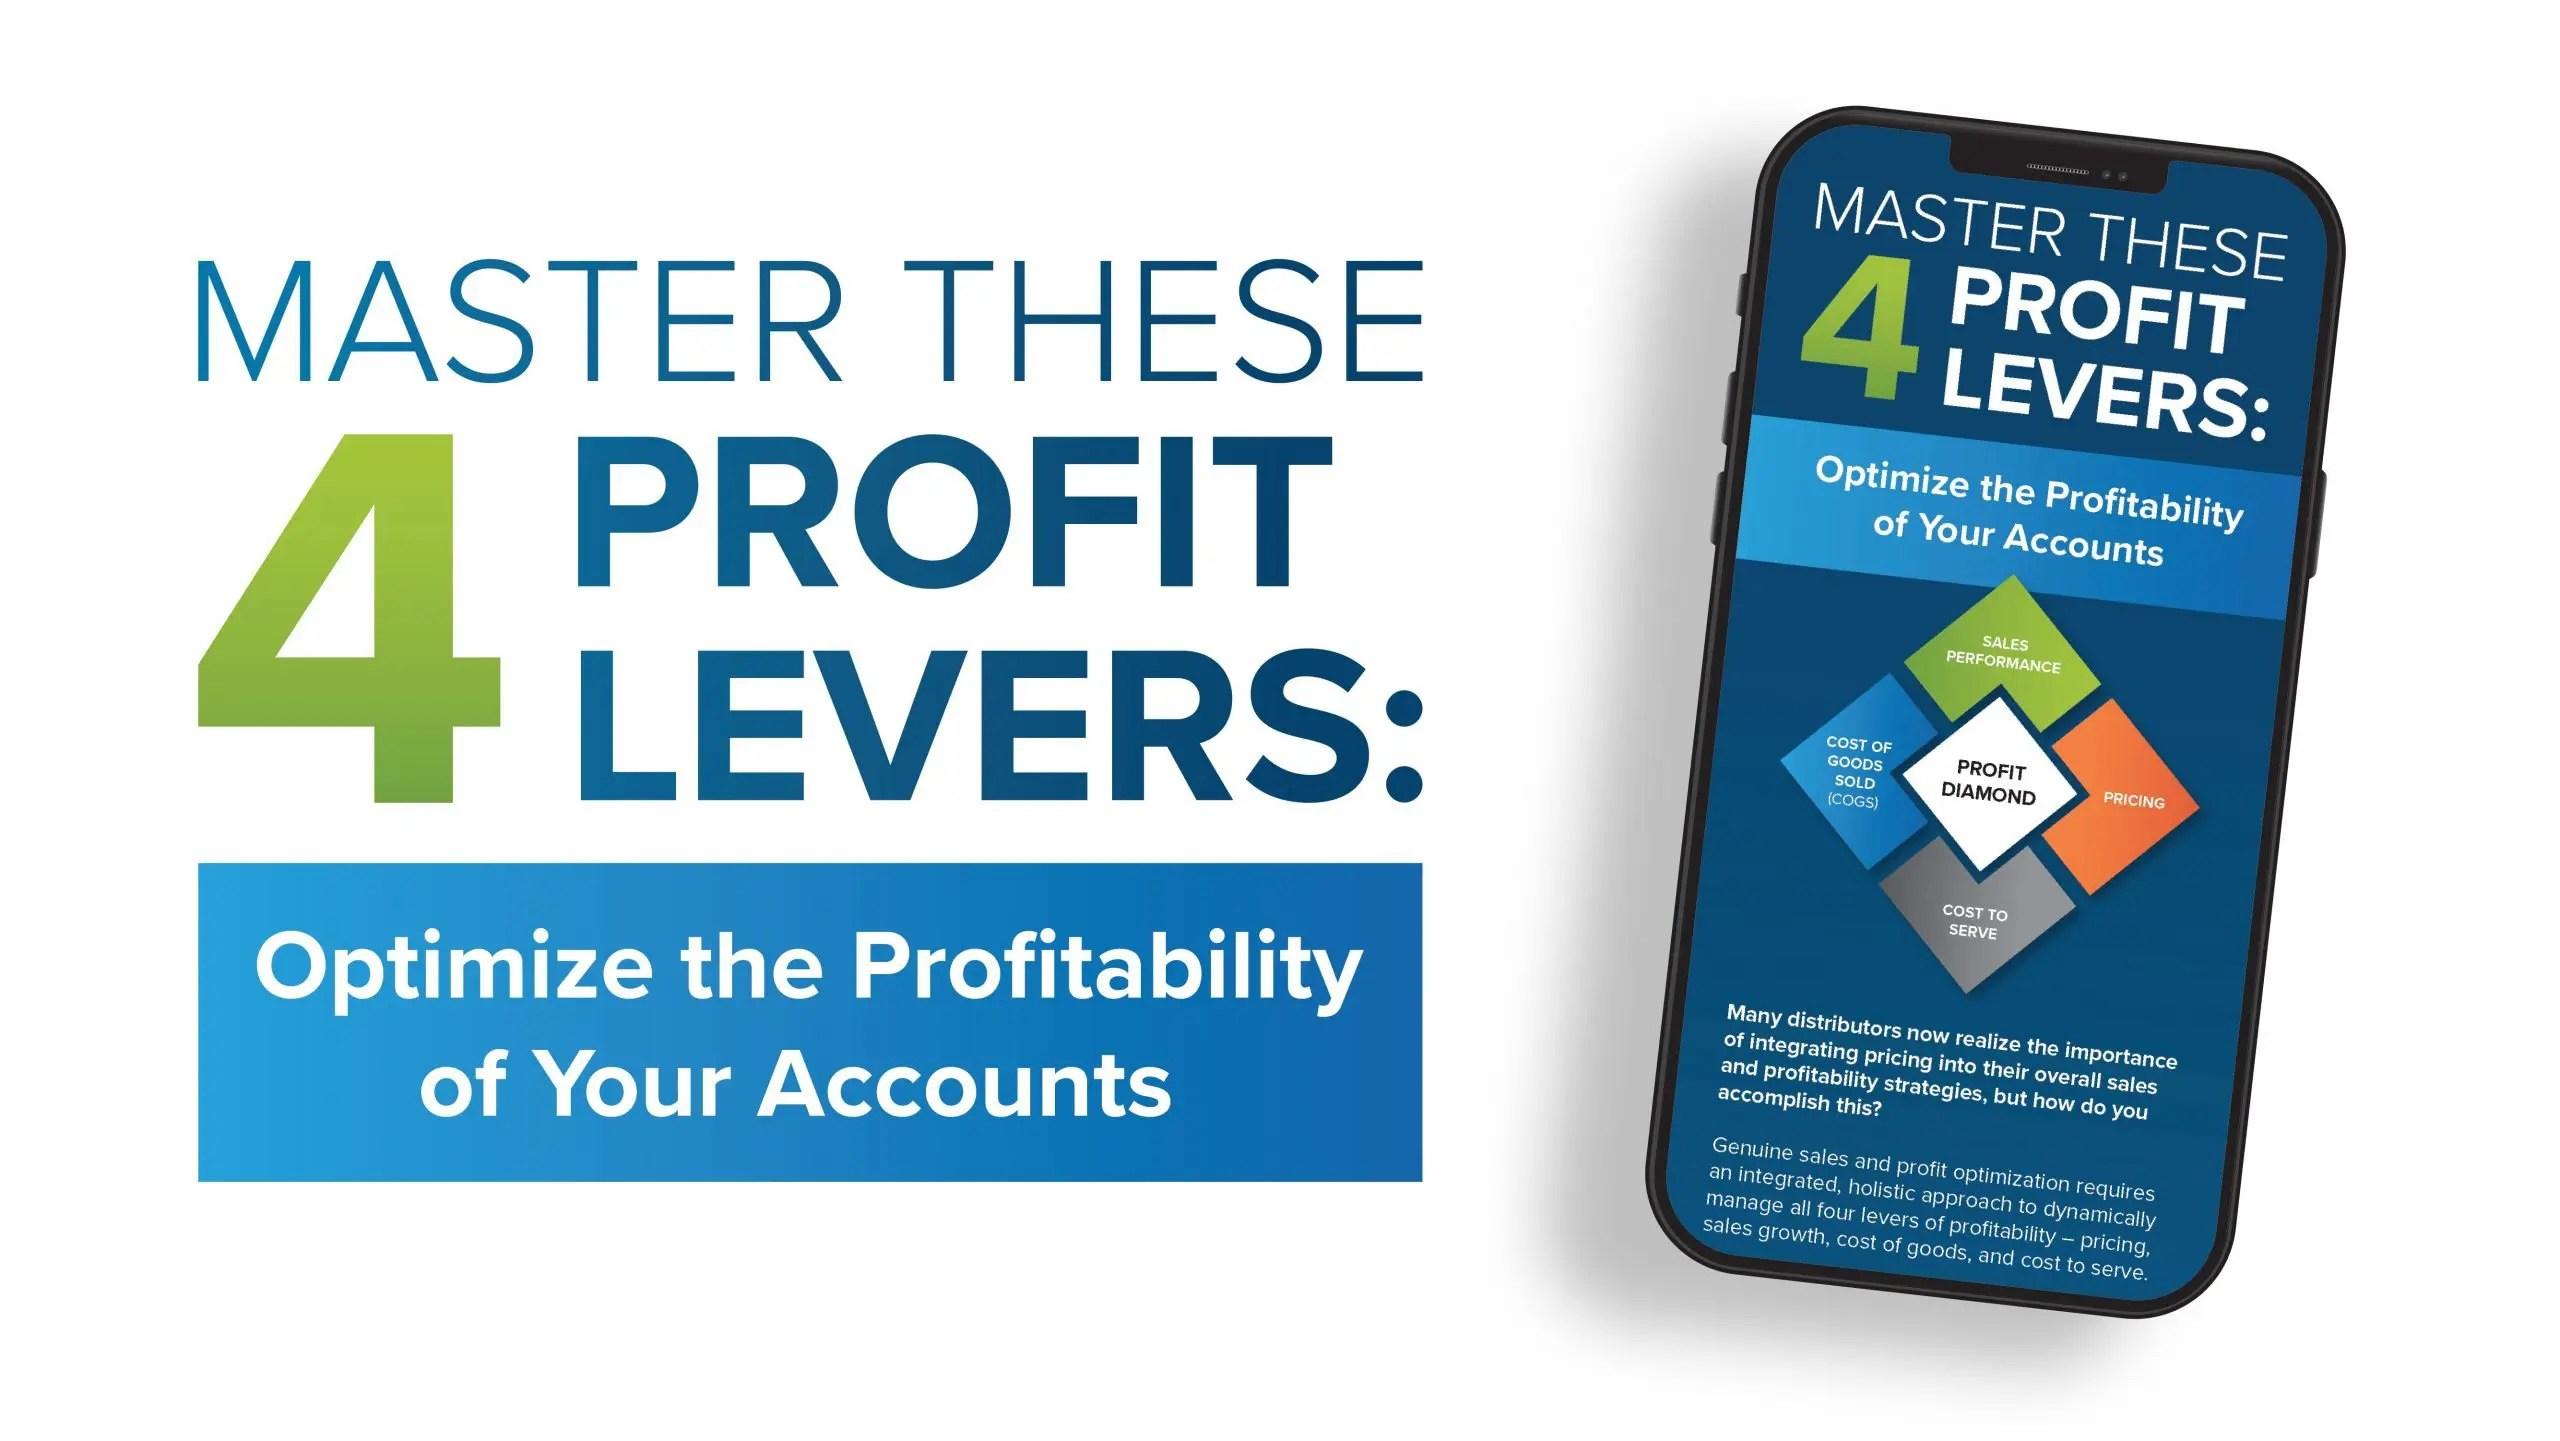 profit diamond infographic